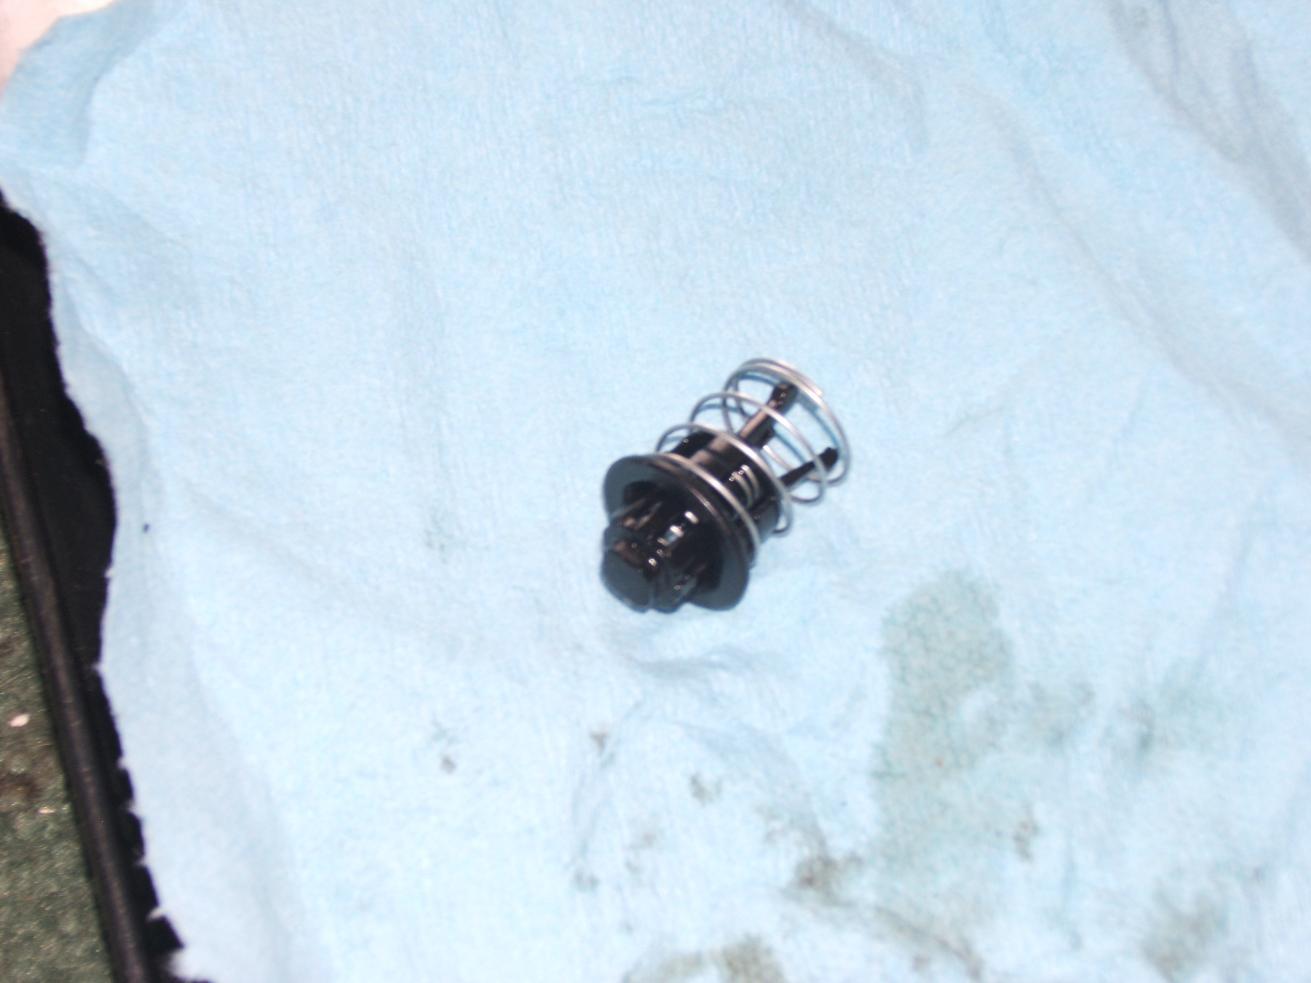 hight resolution of is it a oil drain back valve http www powerstroke org forum att m dscf2783 jpg